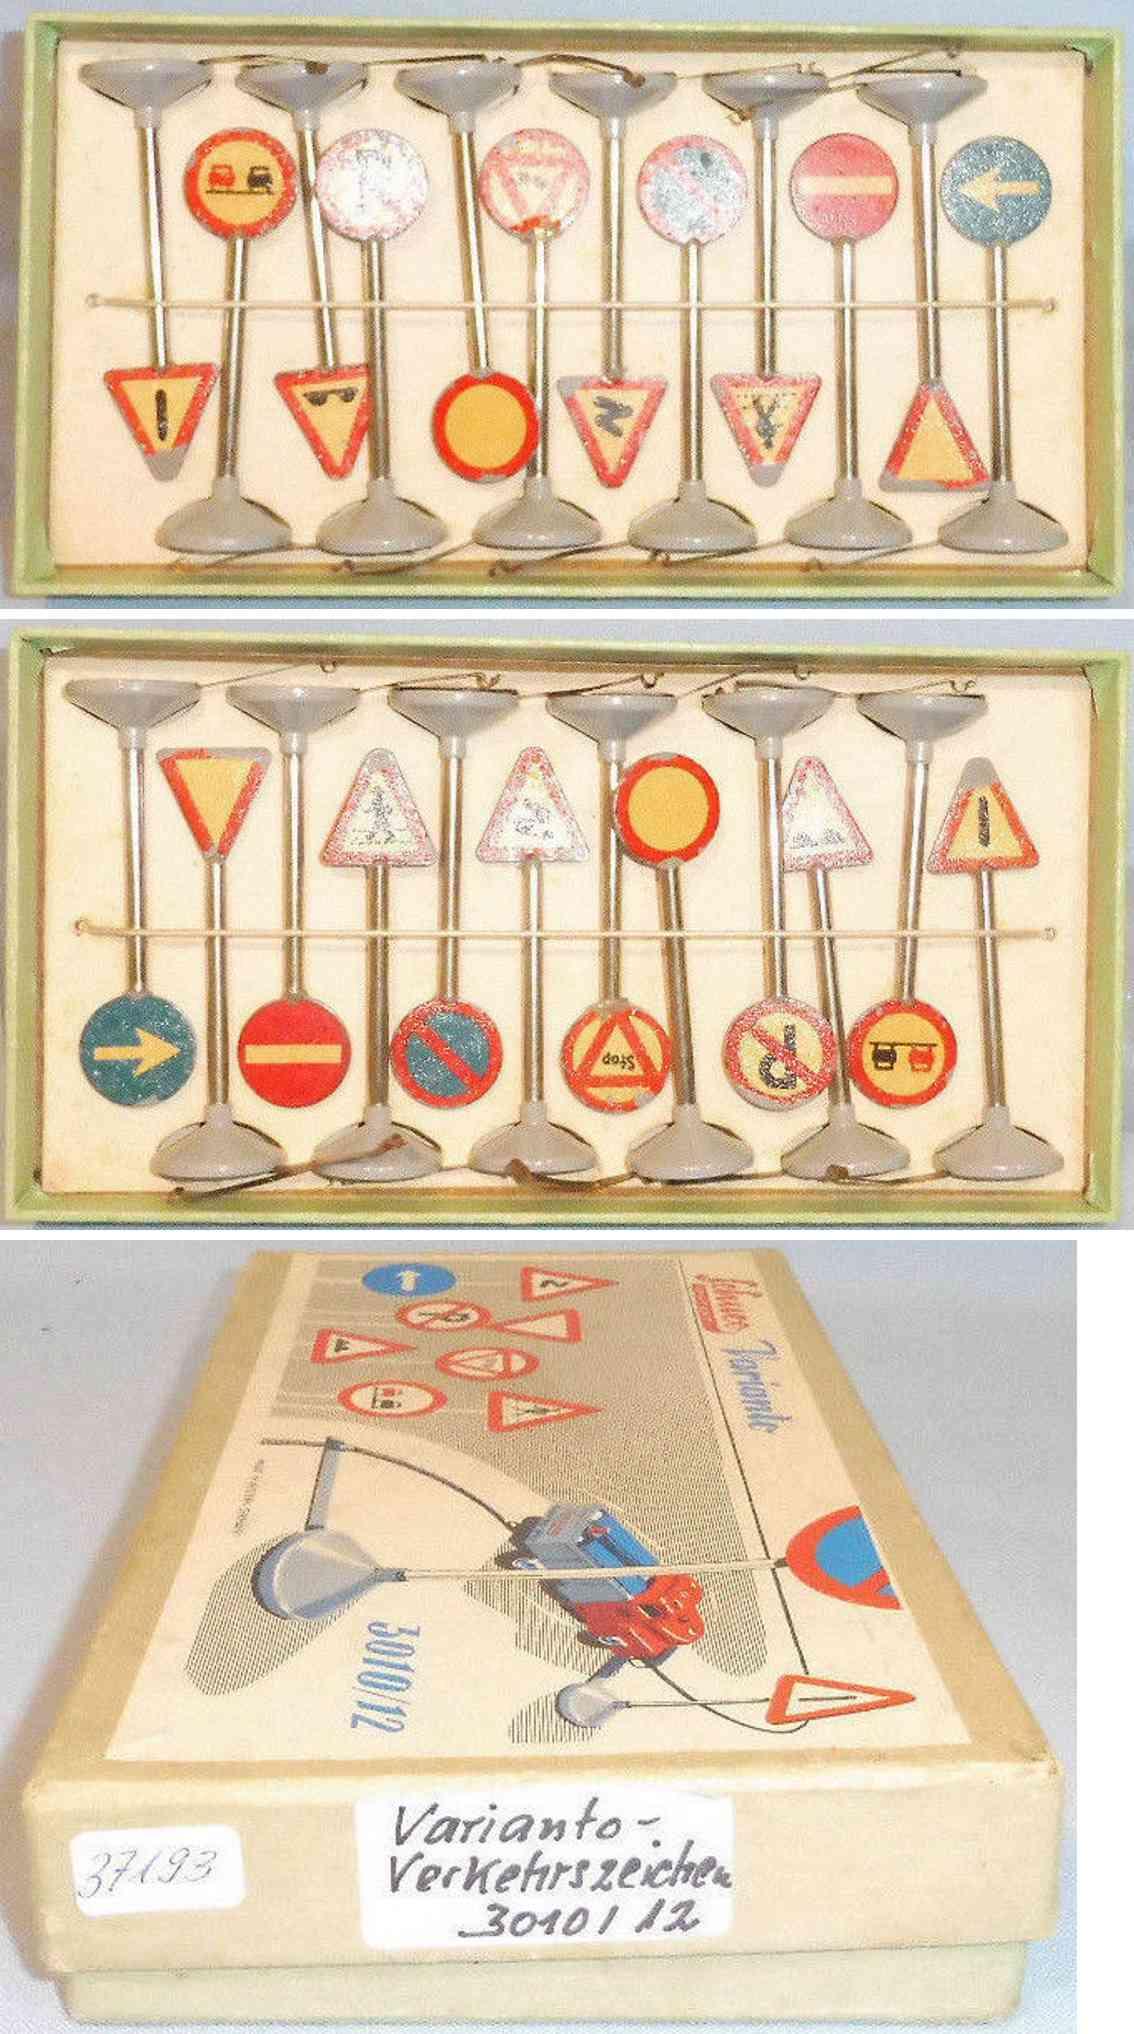 schuco 3010/12 blech spielzeug schilder set varianto verkehrszeichen